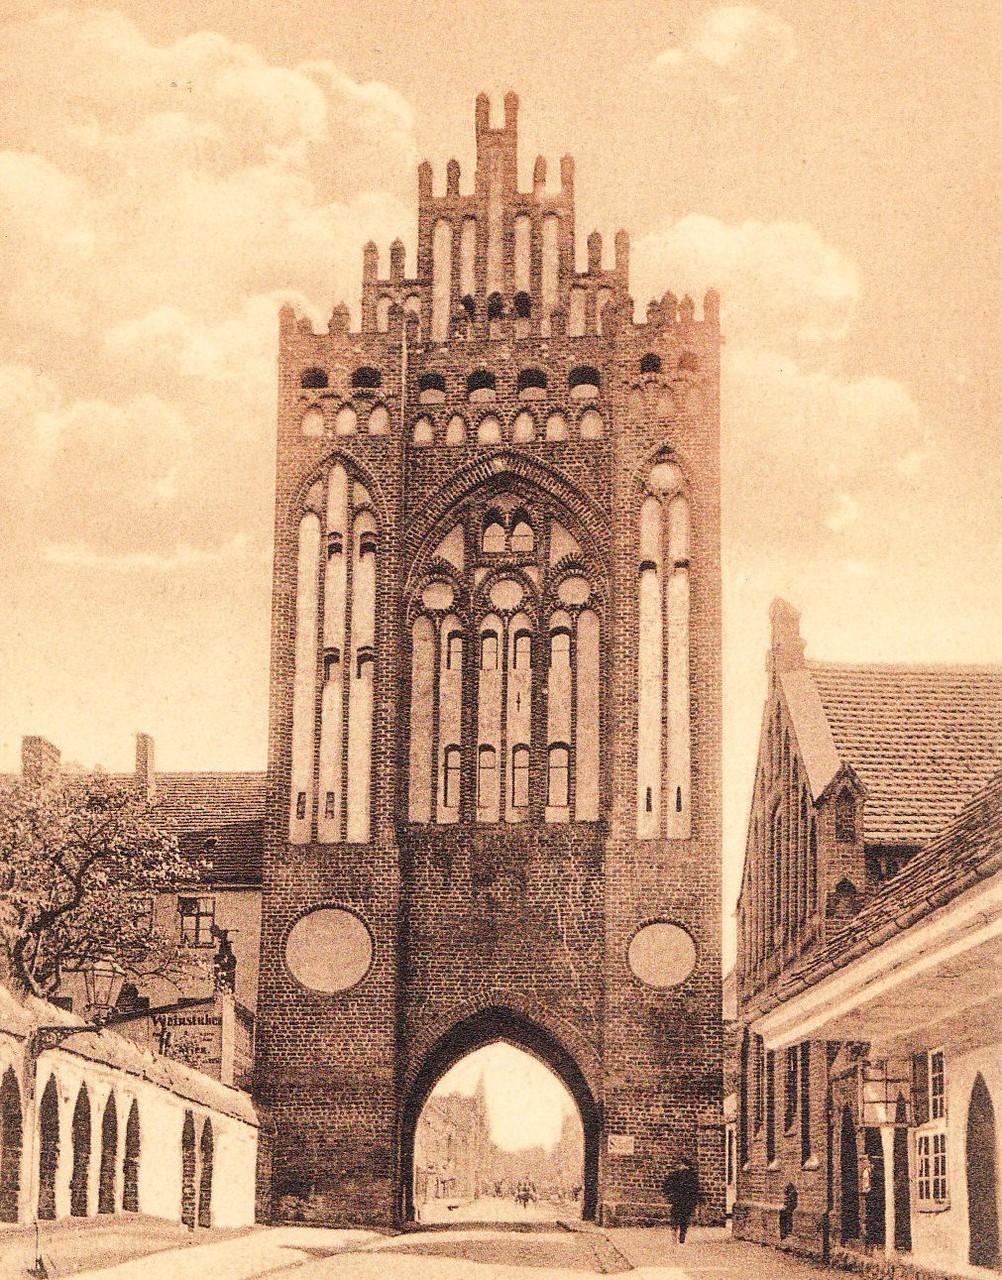 Neben dem Postamt und der Posthalterei in der Treptower Straße, trug auch das 1856 im Treptower Tor errichtete Telegrafenamt trug dazu bei, durch dieses Tor der größte Teil des geschäftlichen Verkehrs zog.